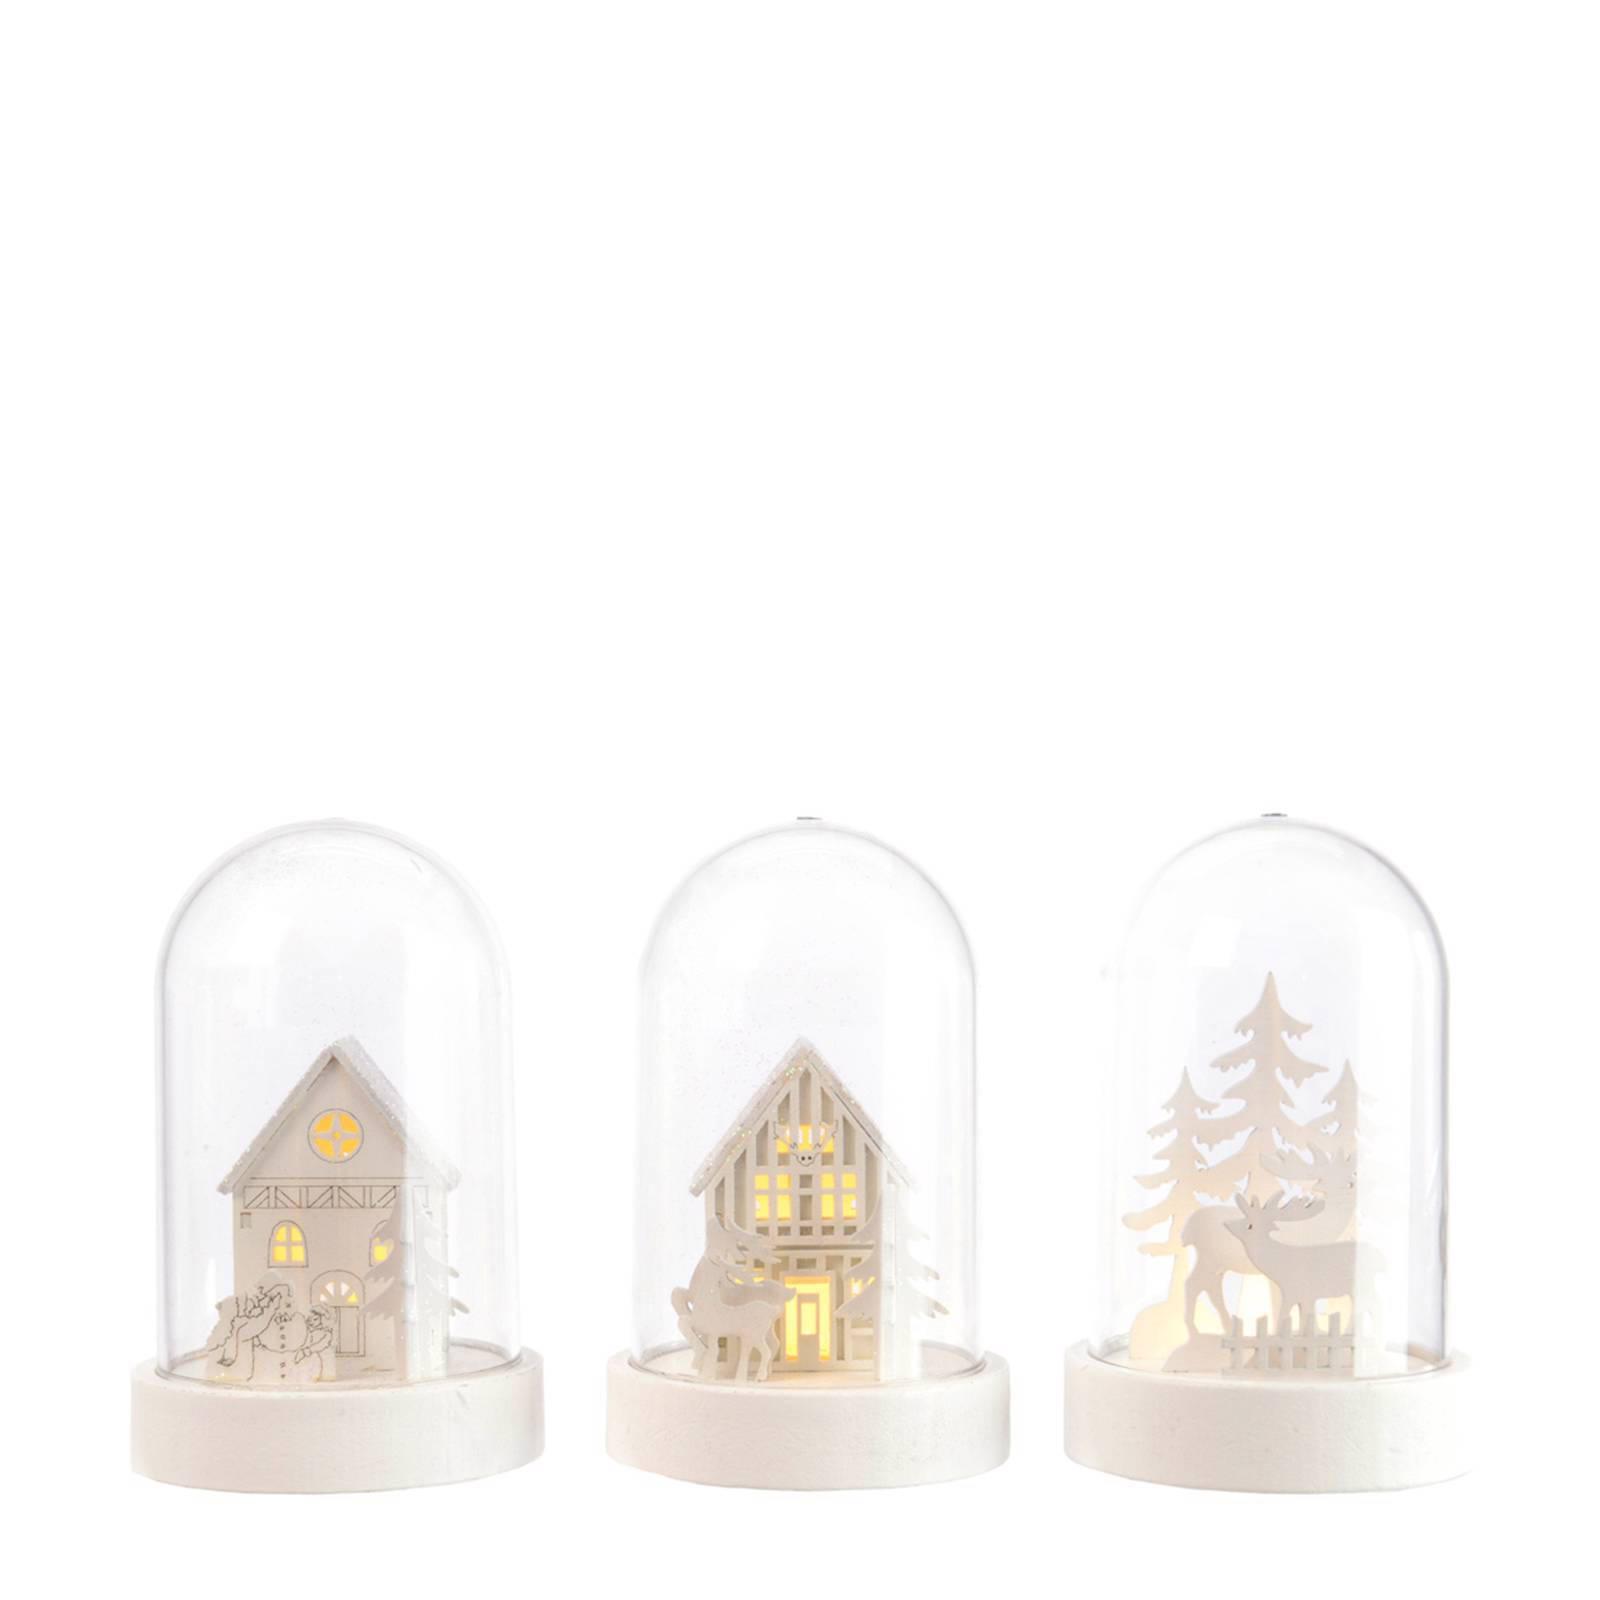 Lumineo kerststolp met LED verlichting (set van 3)   wehkamp